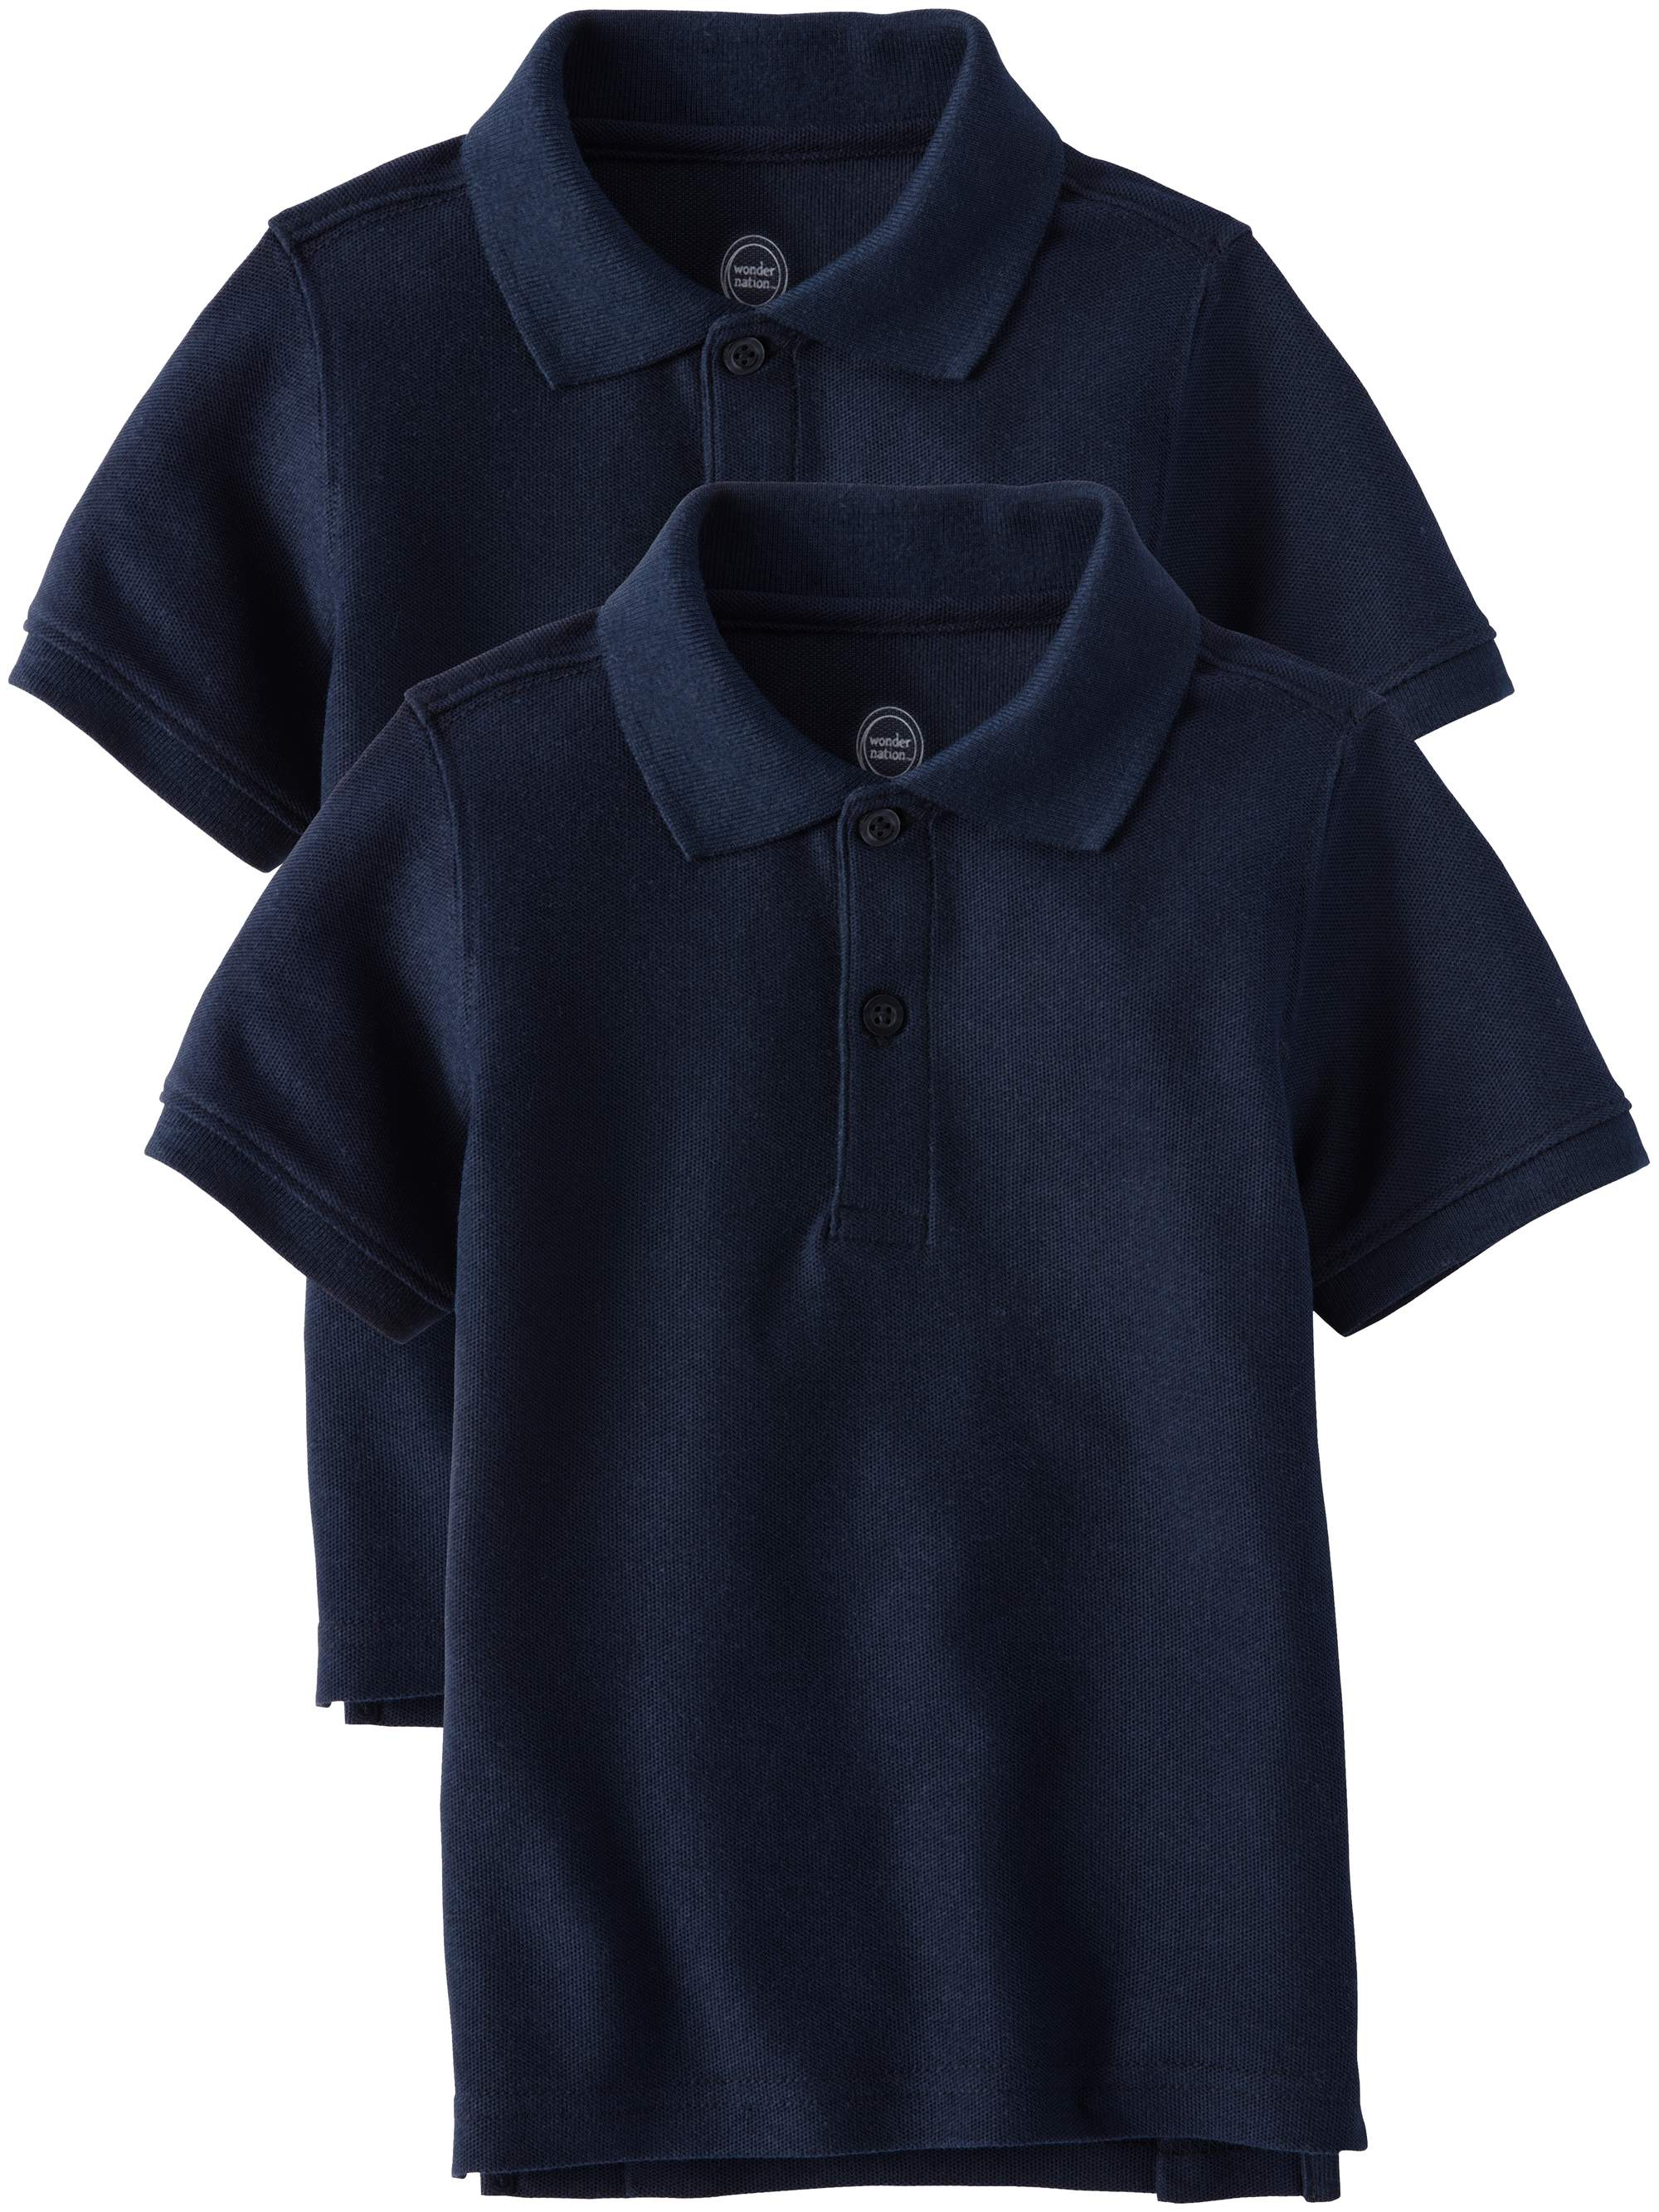 Toddler Boys School Uniform Short Sleeve Double Pique Polo, 2-Pack Value Bundle